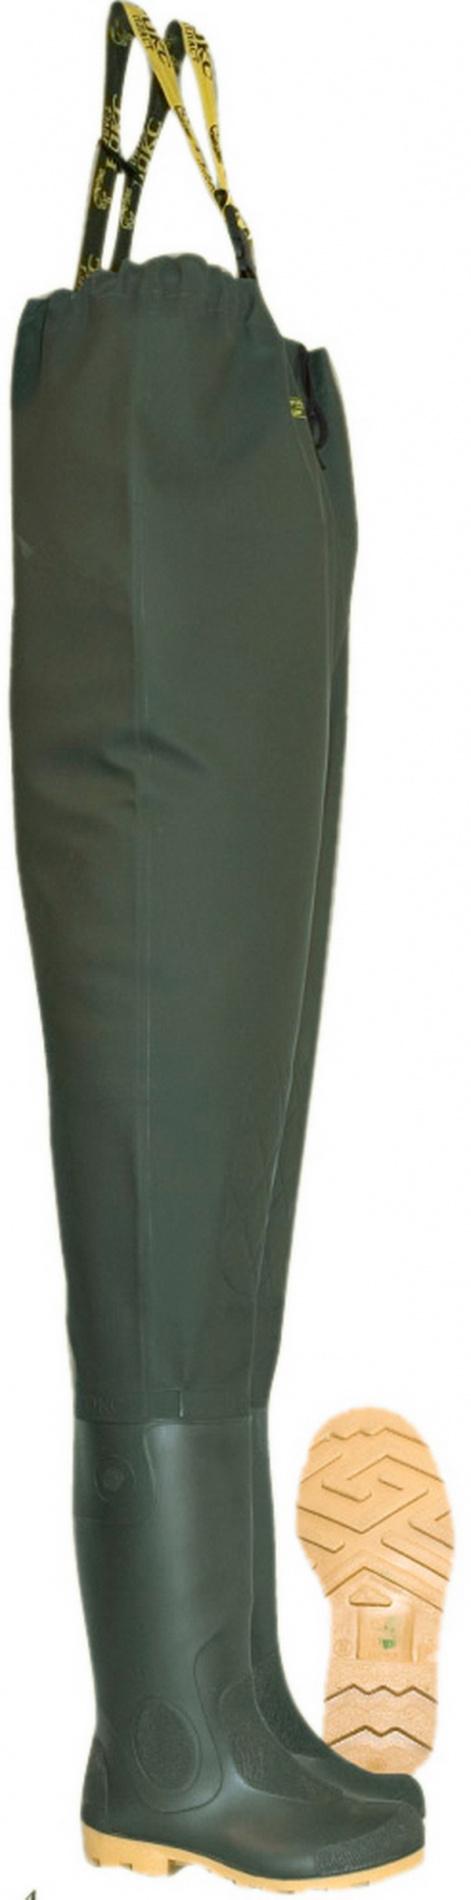 Полукомбинезон рыбацкий мужской Рокс С090 Полукомбинезоны рыбацкие<br>Полукомбинезон с регулируемыми по высоте <br>лямками и пластиковым разделителем на спине, <br>удобным внутренним карманом. Полукомбинезон <br>изготовлен из водонепроницаемого материала <br>(трикотажного полотна пропитанного ПВХ) <br>и приварен к сапогам.<br><br>Пол: мужской<br>Размер: 45(292)<br>Сезон: лето<br>Цвет: оливковый<br>Материал: сапог - ПВХ